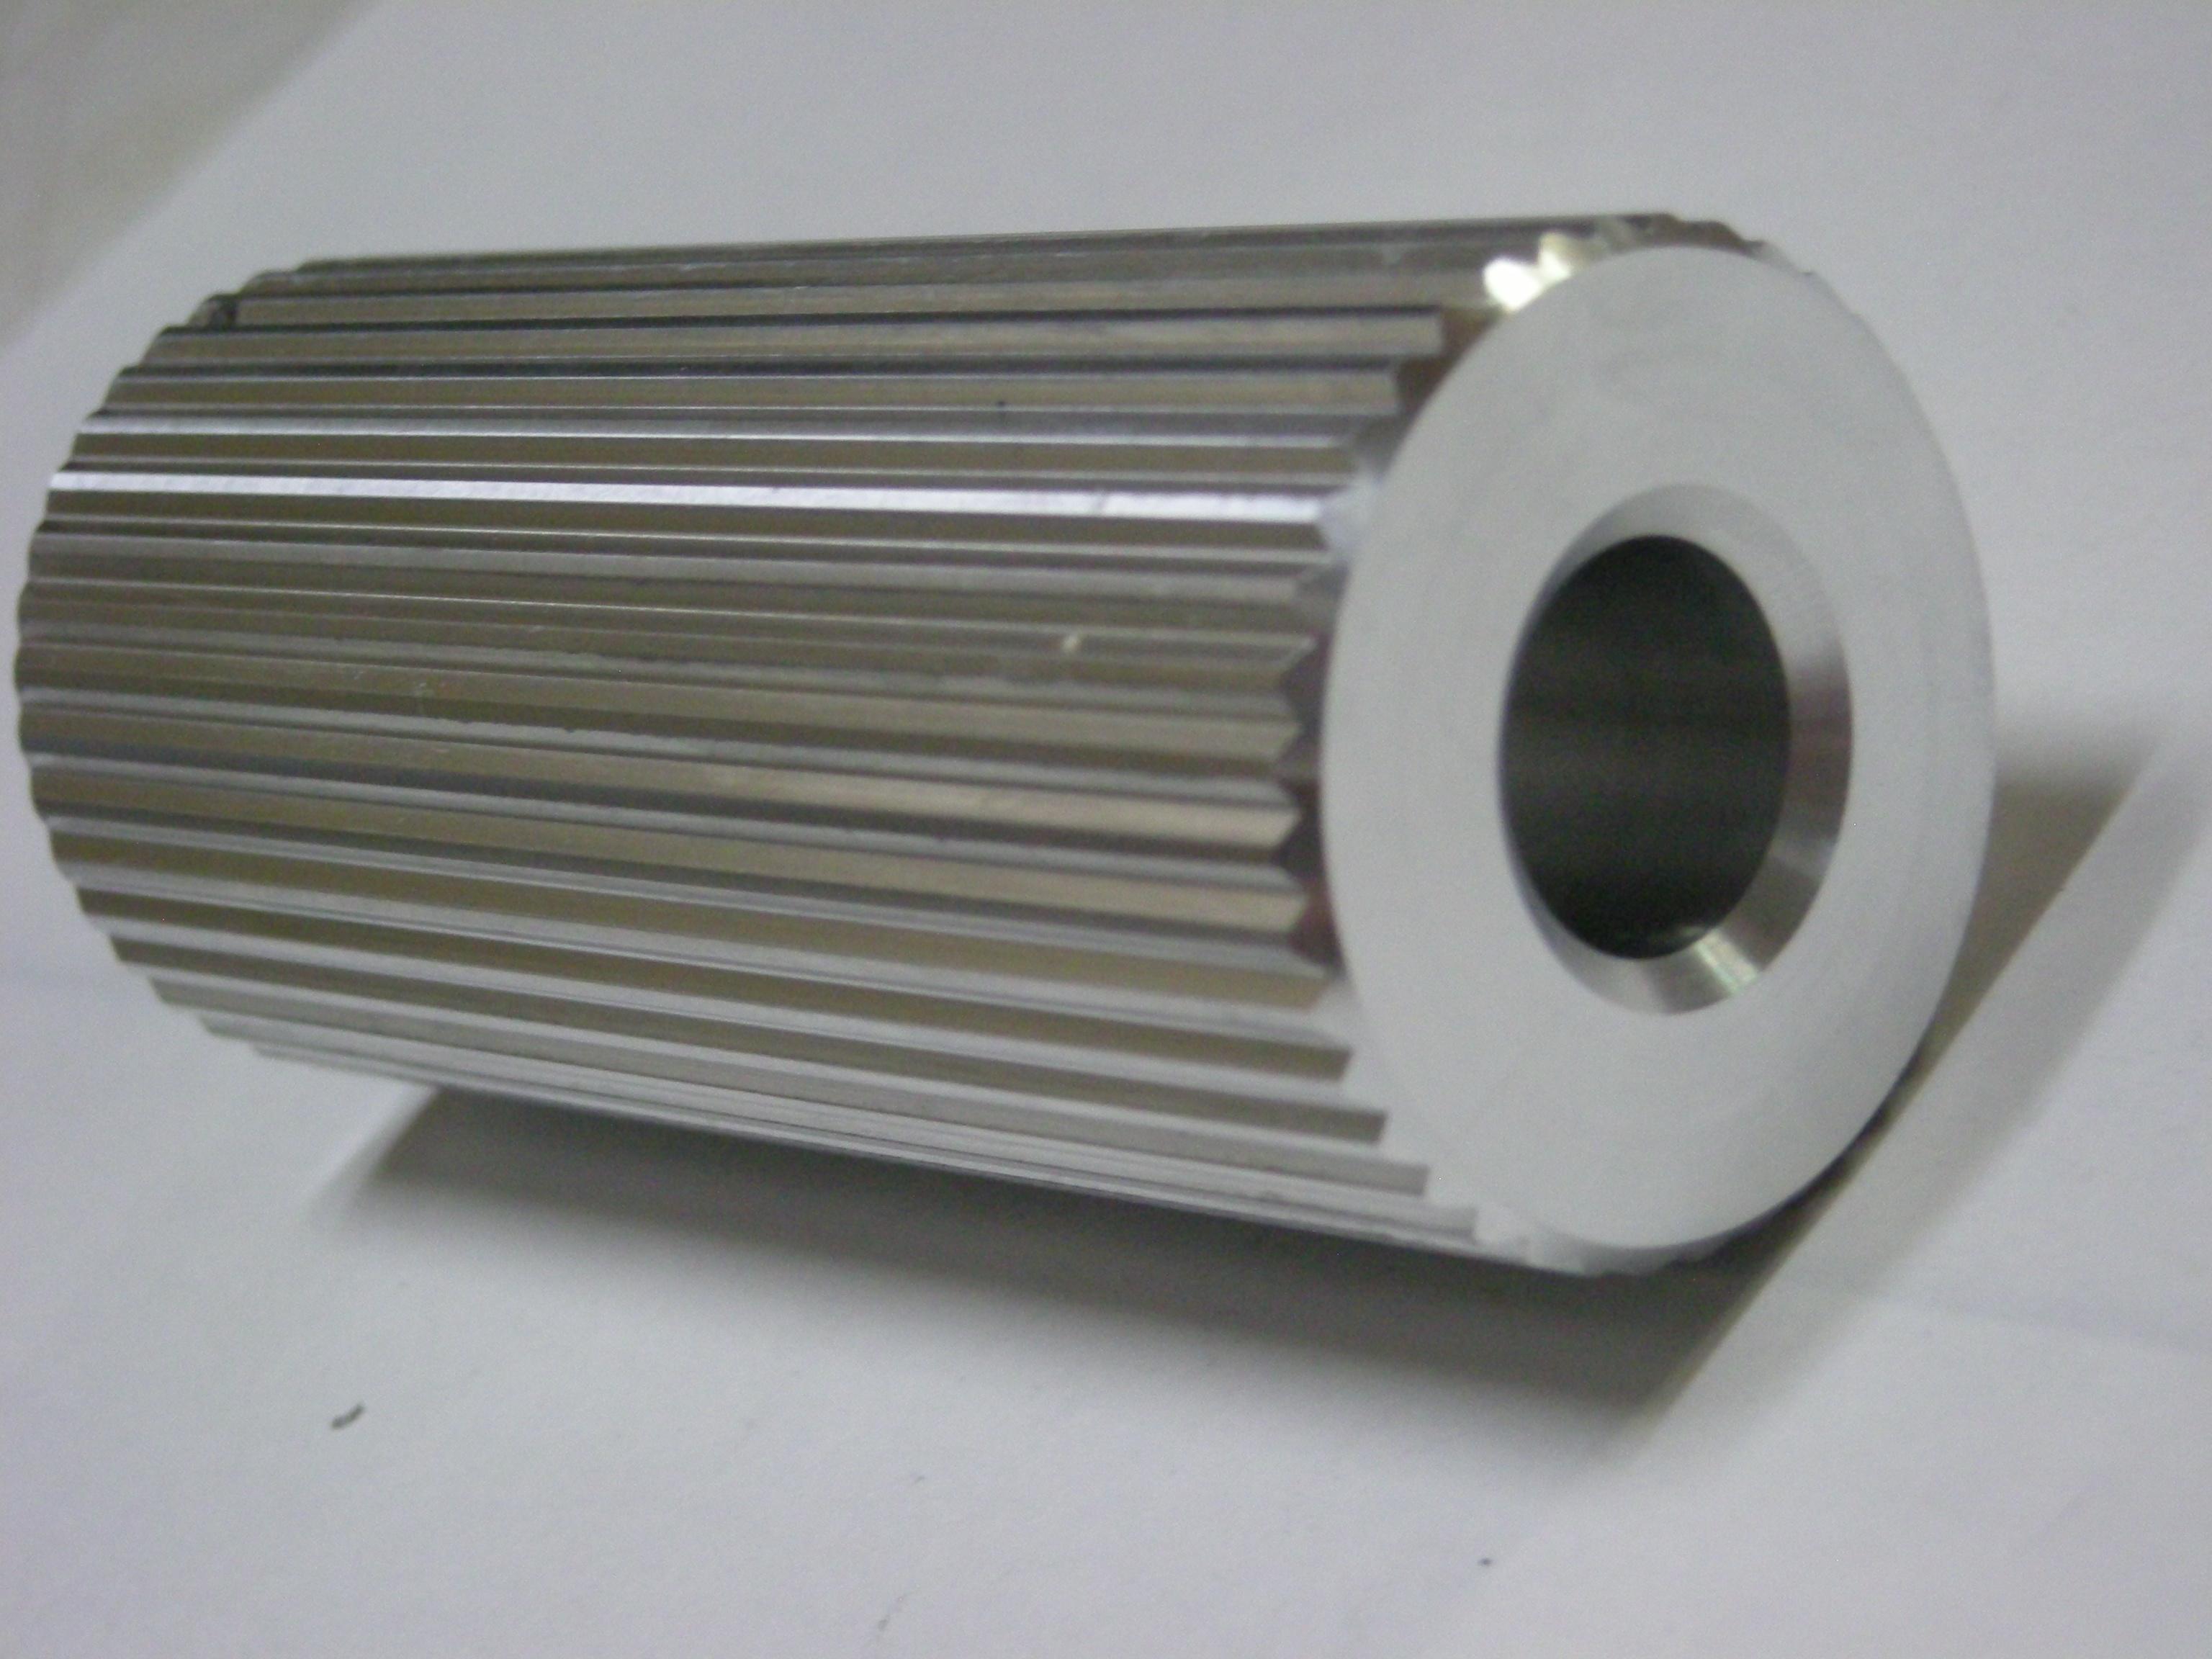 ギア加工(平目ローレット加工)製品:A6061使用 - 株式会社 東海精機